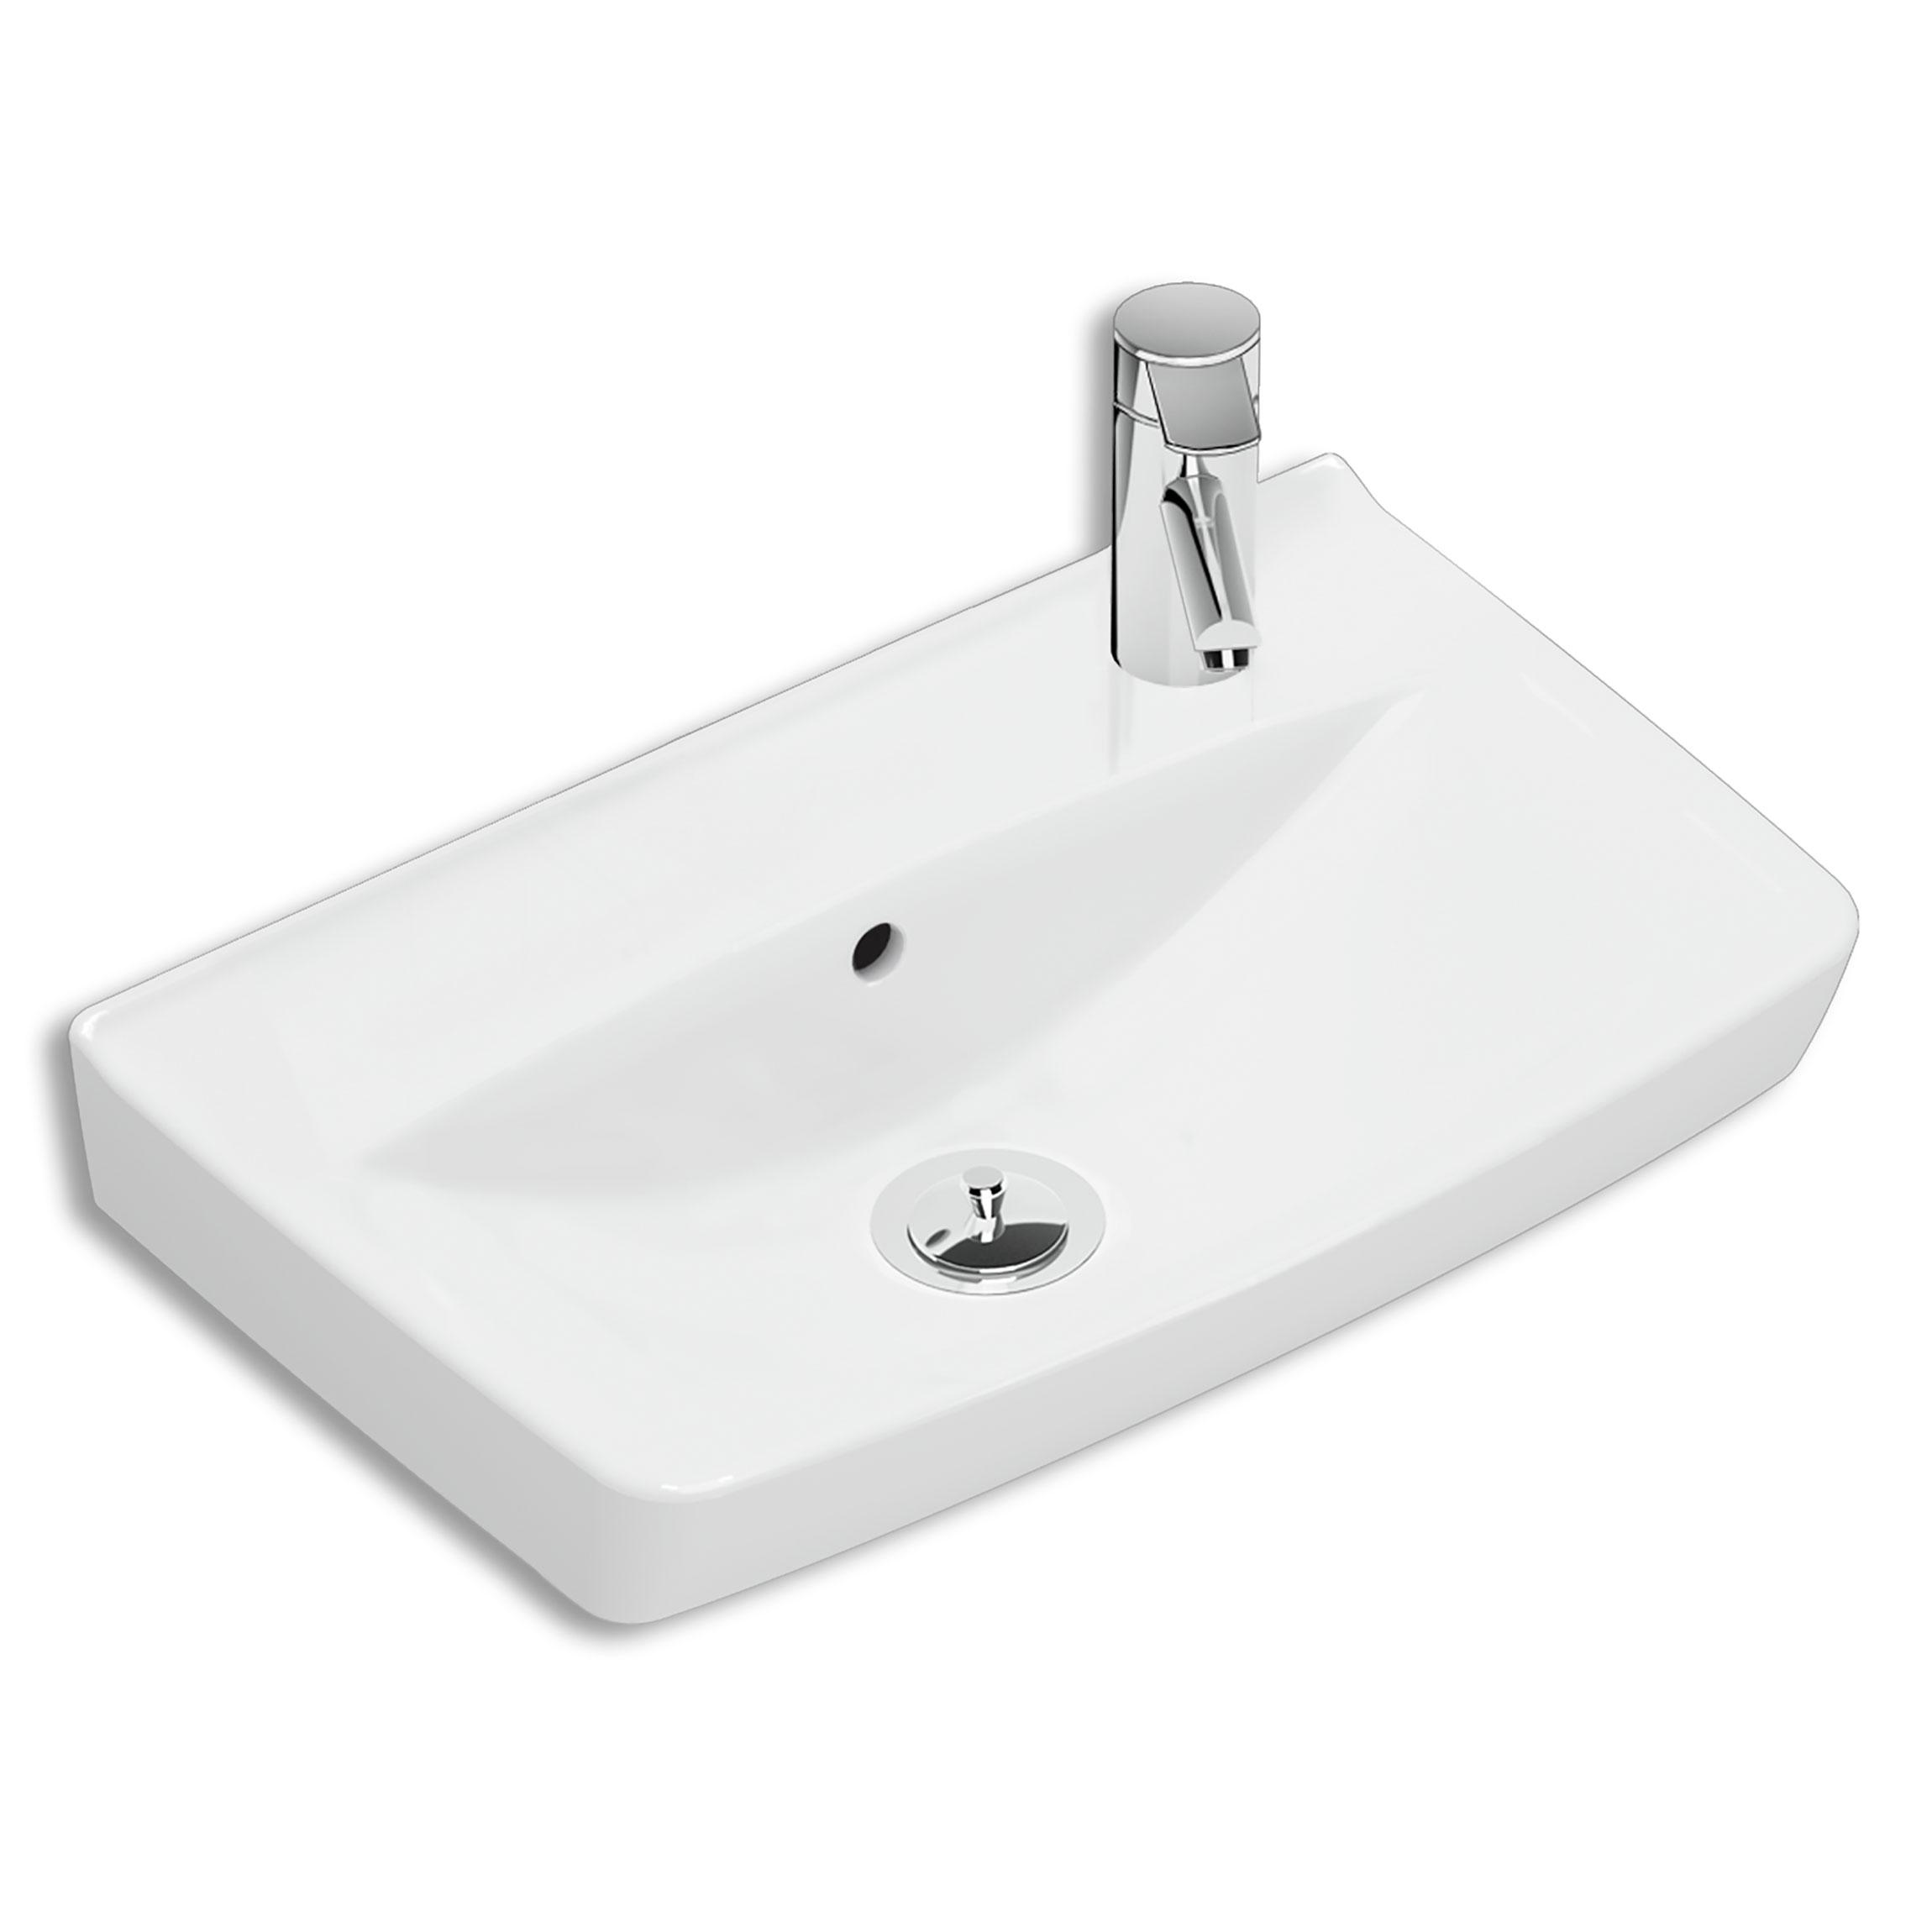 Tvättställ Ifö Spira 500 mm